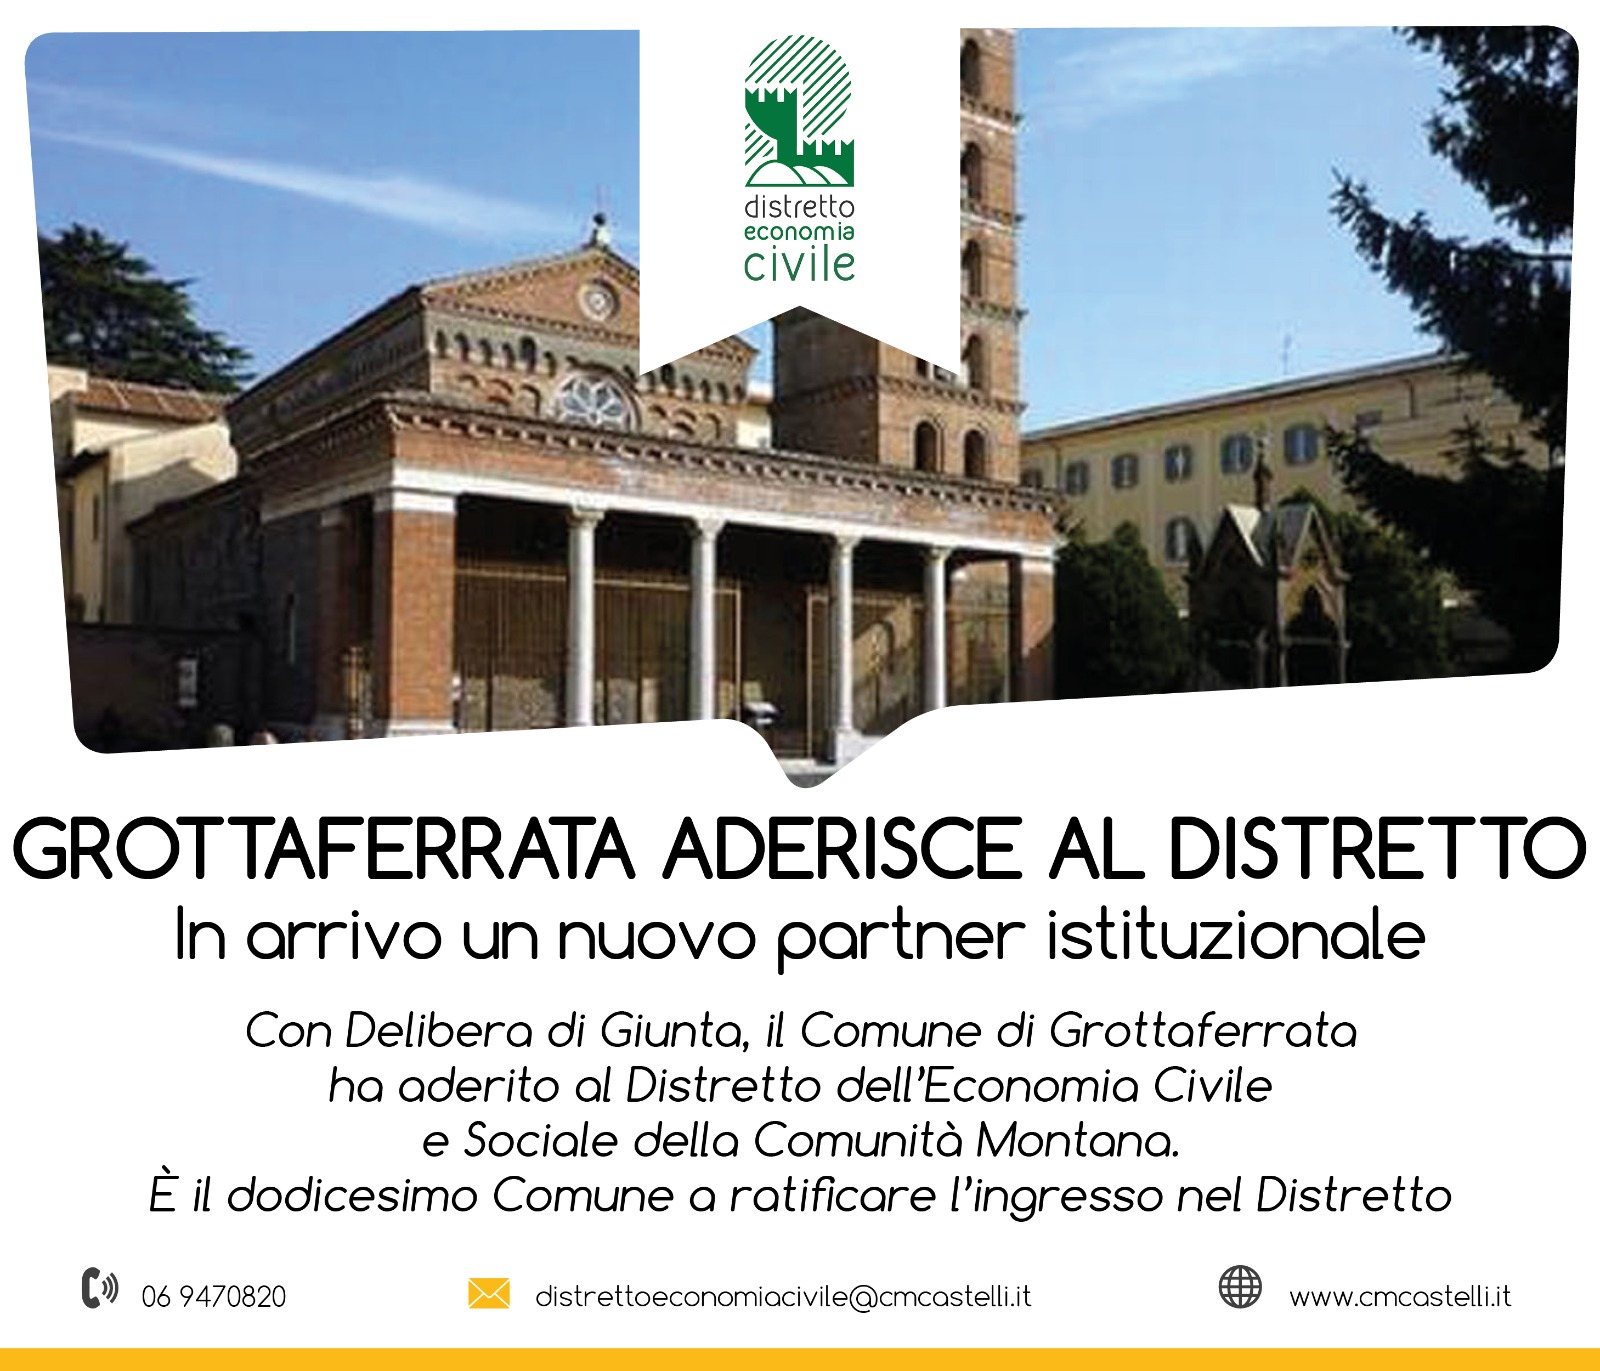 Il COMUNE DI GROTTAFERRATA ADERISCE AL DISTRETTO DELL'ECONOMIA CIVILE